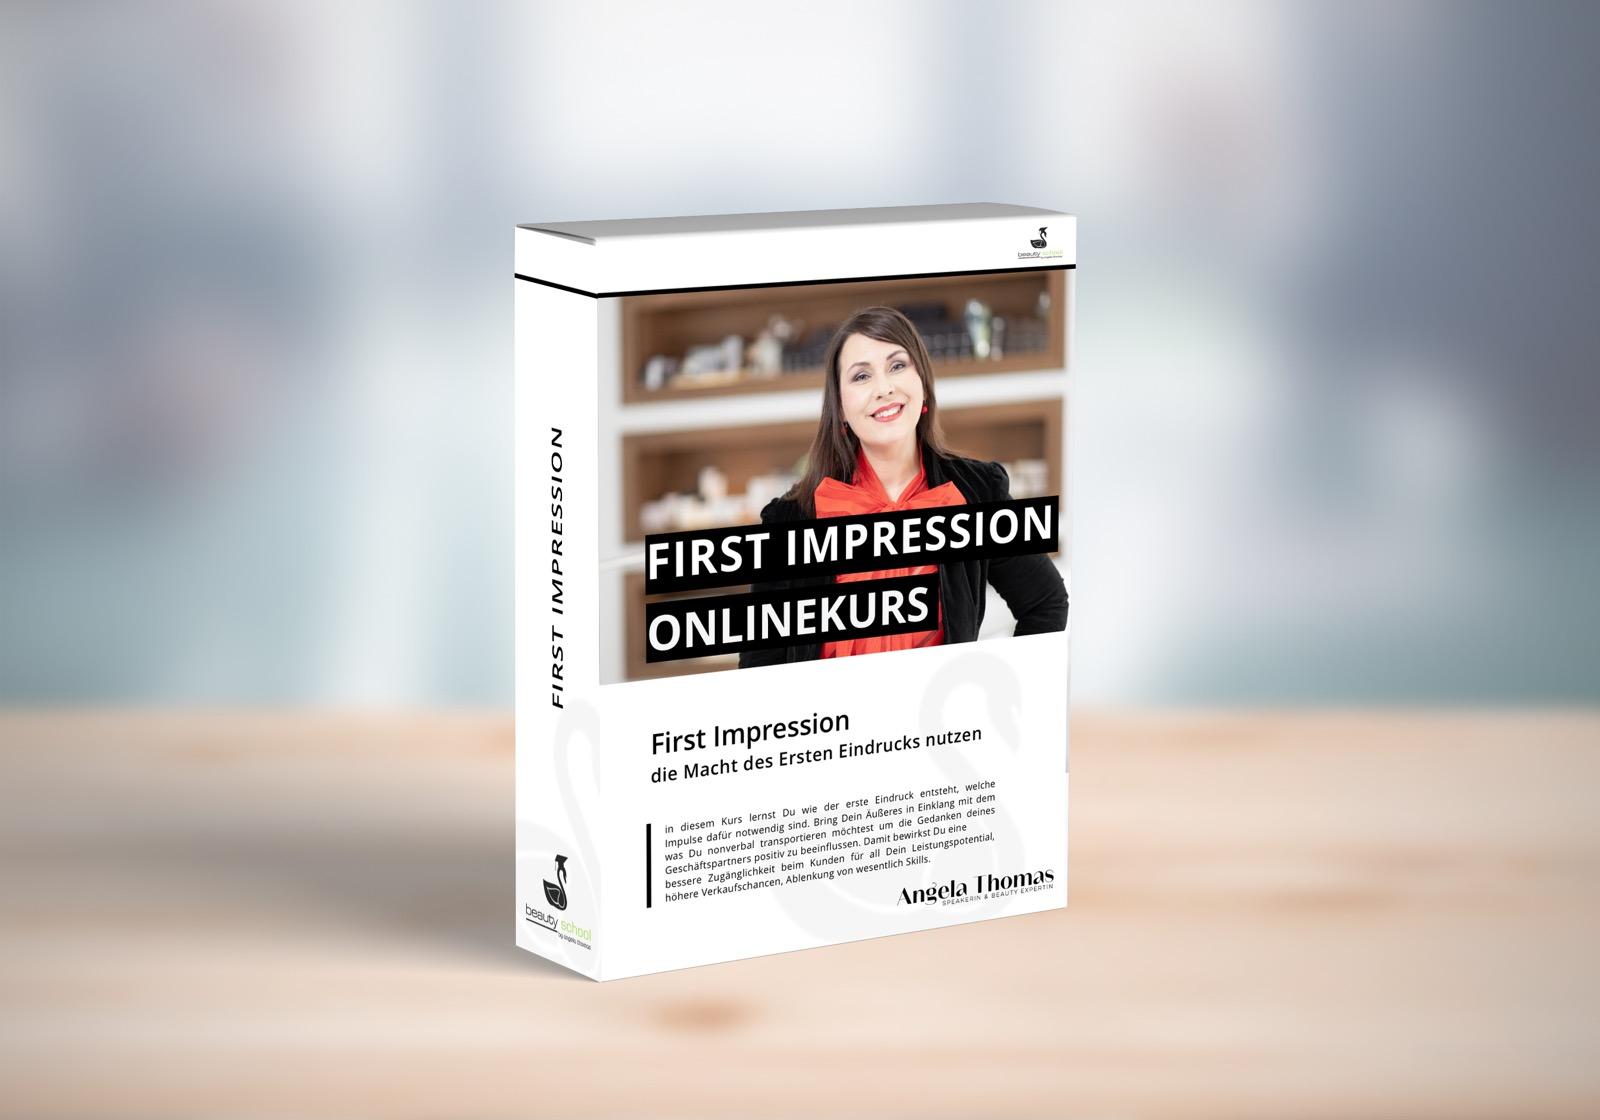 FIRST IMPRESSION ONLINEKURS